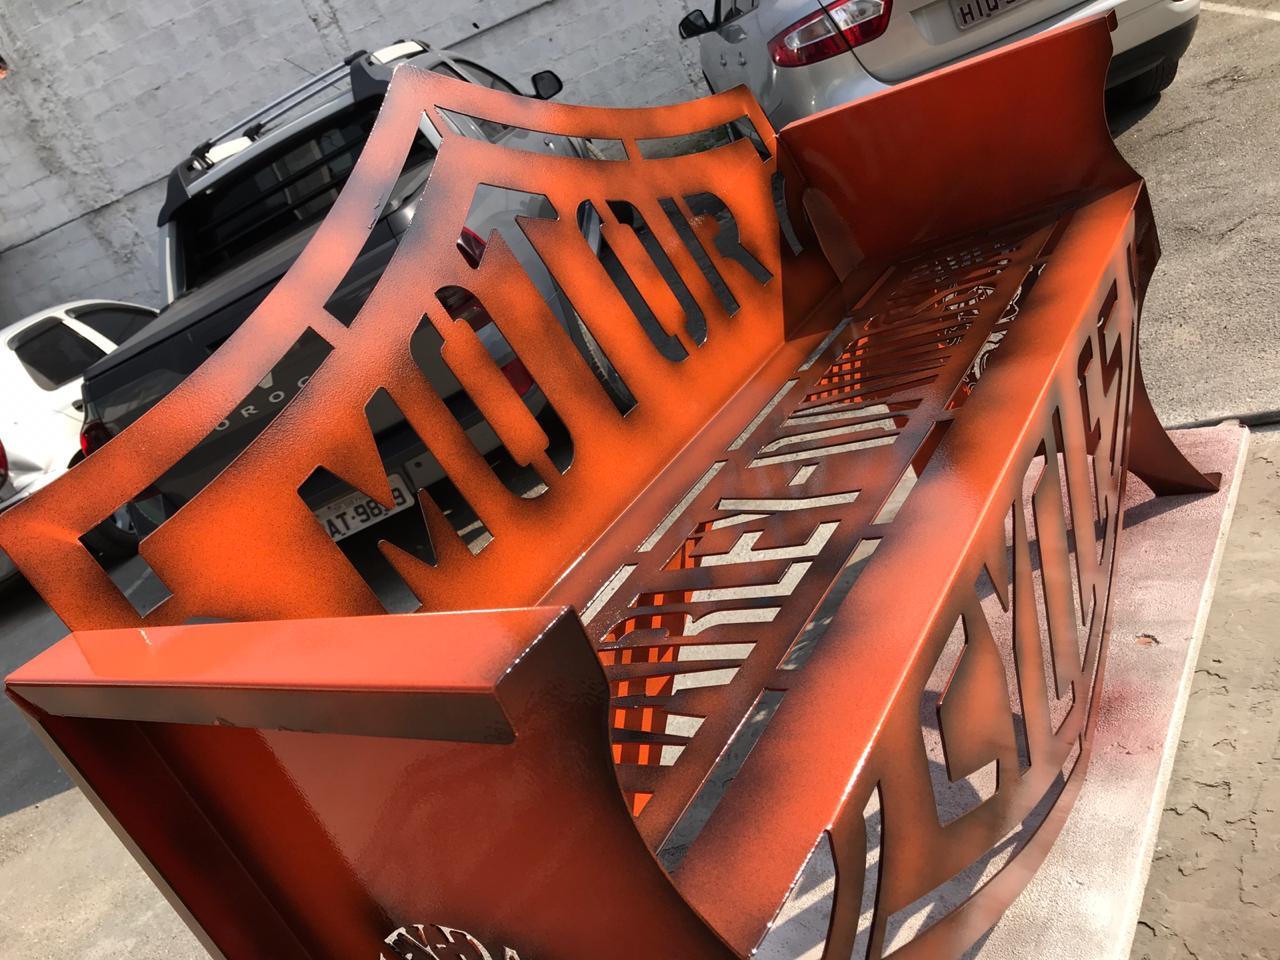 Banco Harley-Davidson 1,25m Laranja com Preto  - HDC Brasil